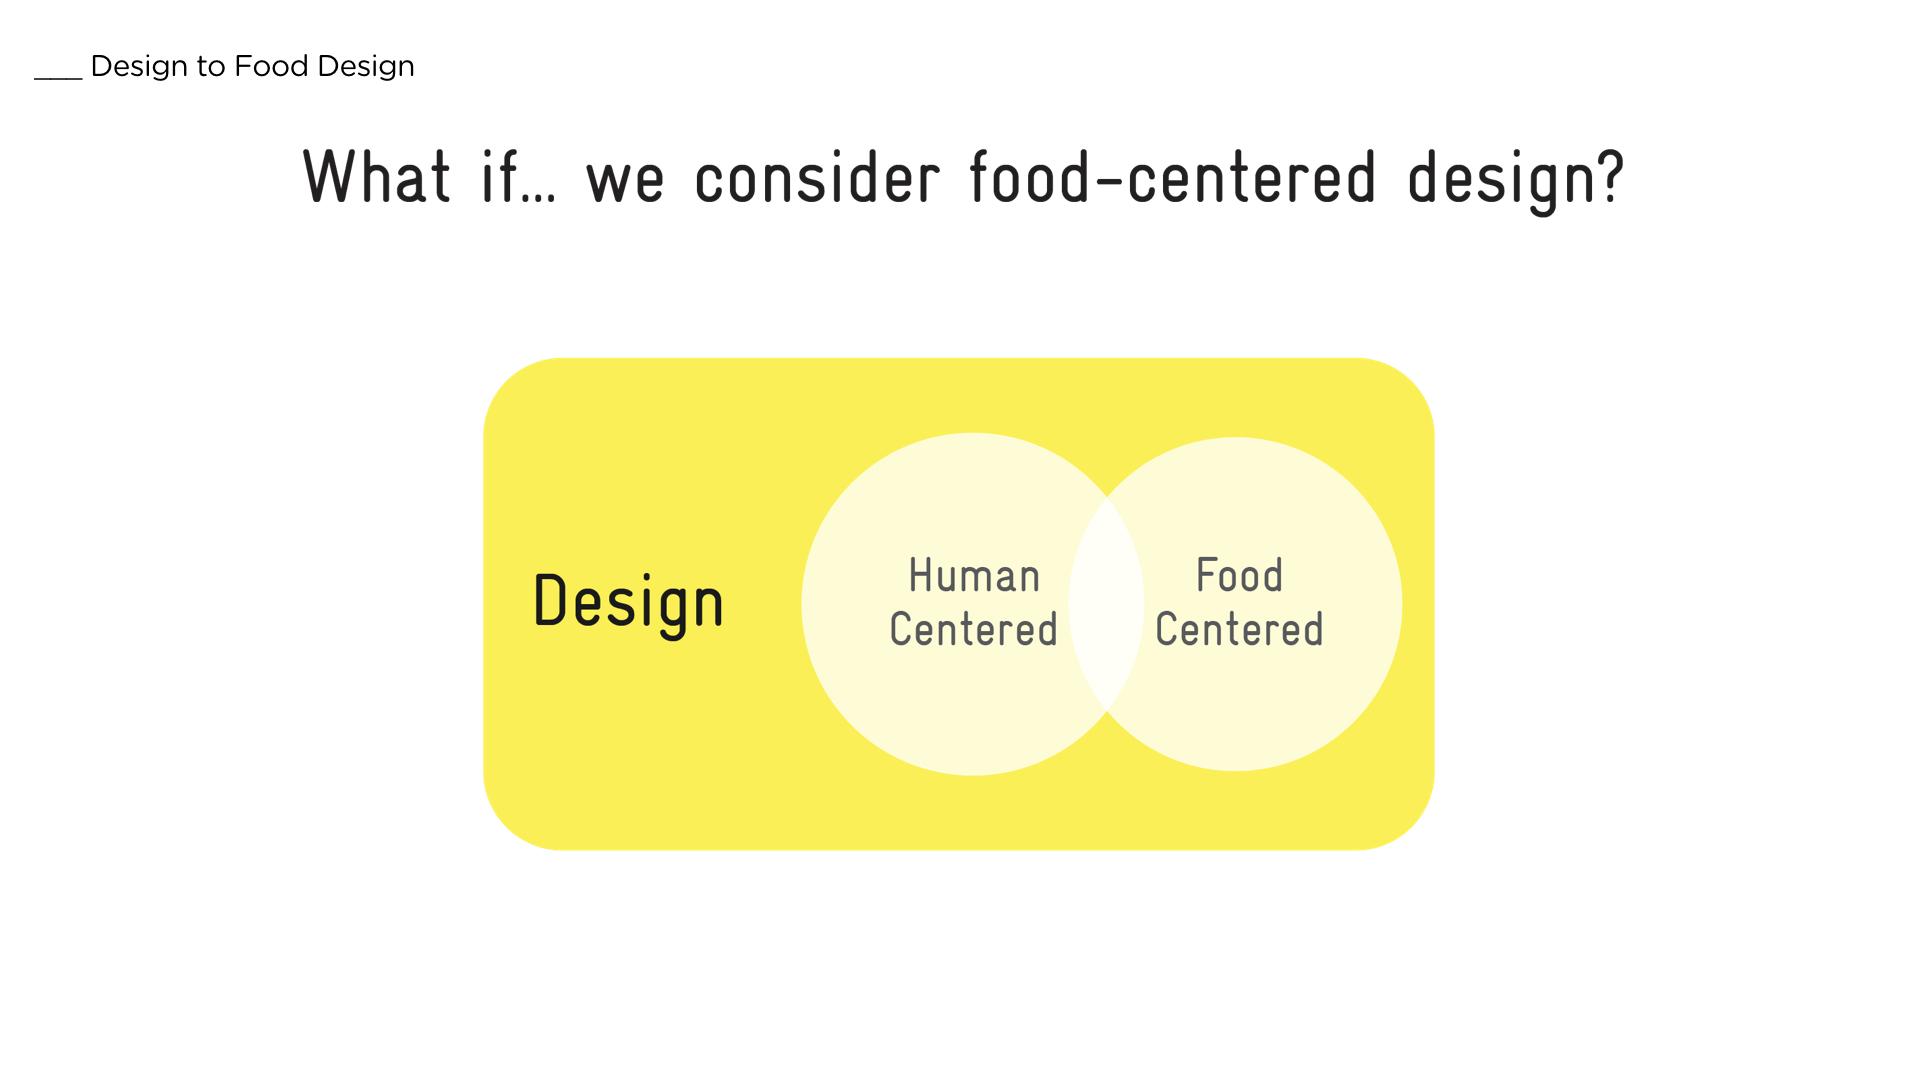 food futures slide 0507 v2.017.jpeg